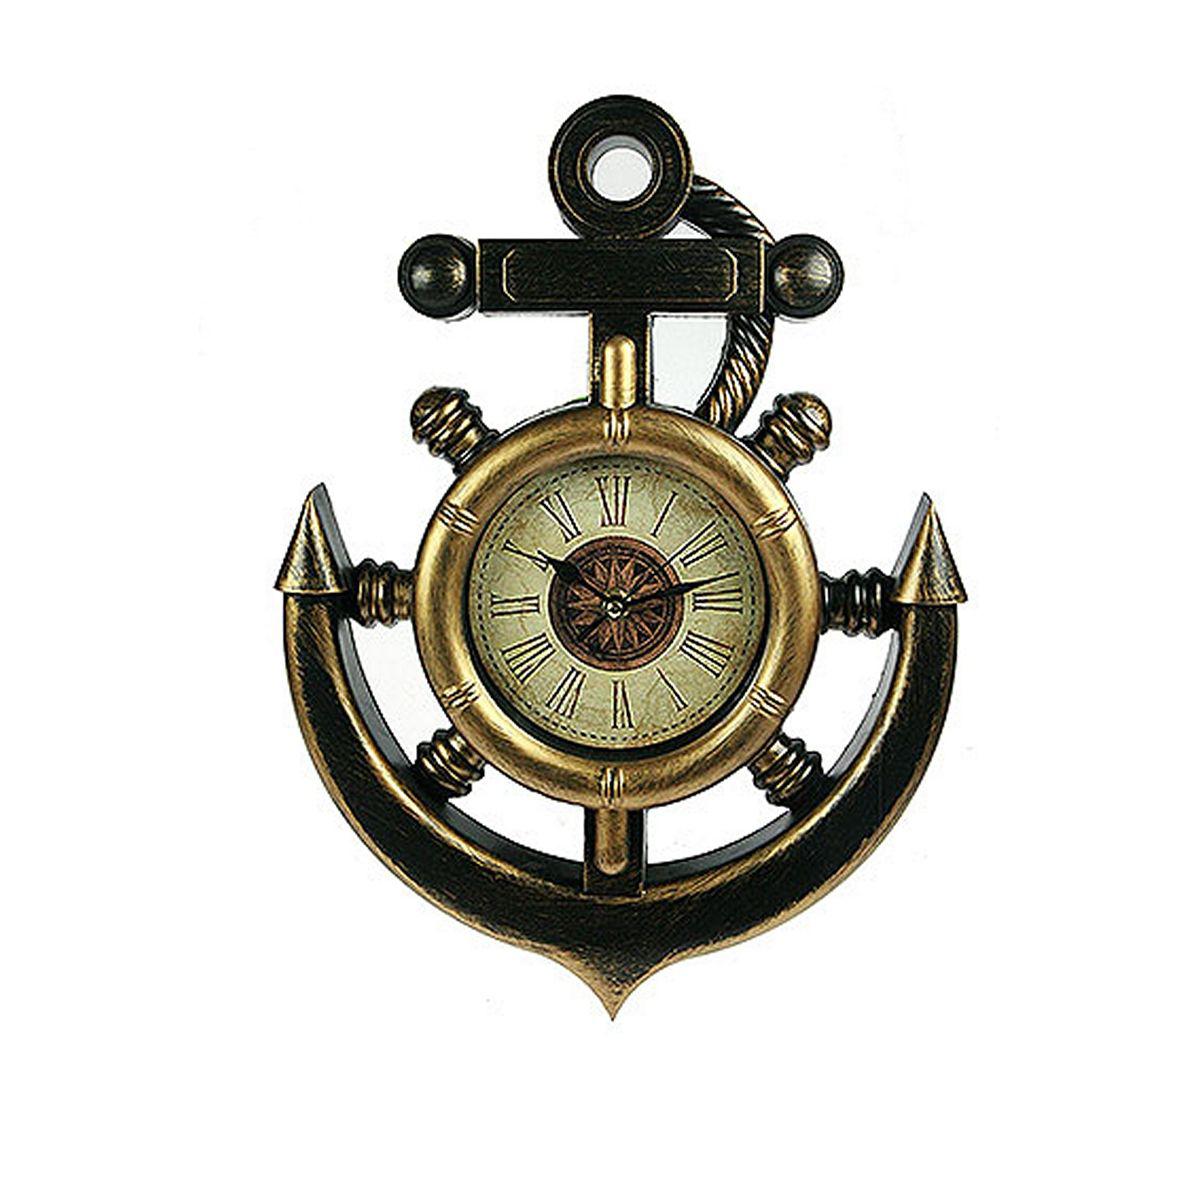 Часы настенные Русские Подарки Якорь, 28 х 39 см. 222435222435Настенные кварцевые часы Русские Подарки Якорь изготовлены из пластика. Корпус оригинально оформлен в виде якоря. Циферблат защищен стеклом. Часы имеют три стрелки - часовую, минутную и секундную. С обратной стороны имеетсяпетелька для подвешивания на стену. Такие часы красиво и необычно оформят интерьер дома или офиса. Также часы могут стать уникальным, полезным подарком для родственников, коллег, знакомых и близких.Часы работают от батареек типа АА (в комплект не входят).